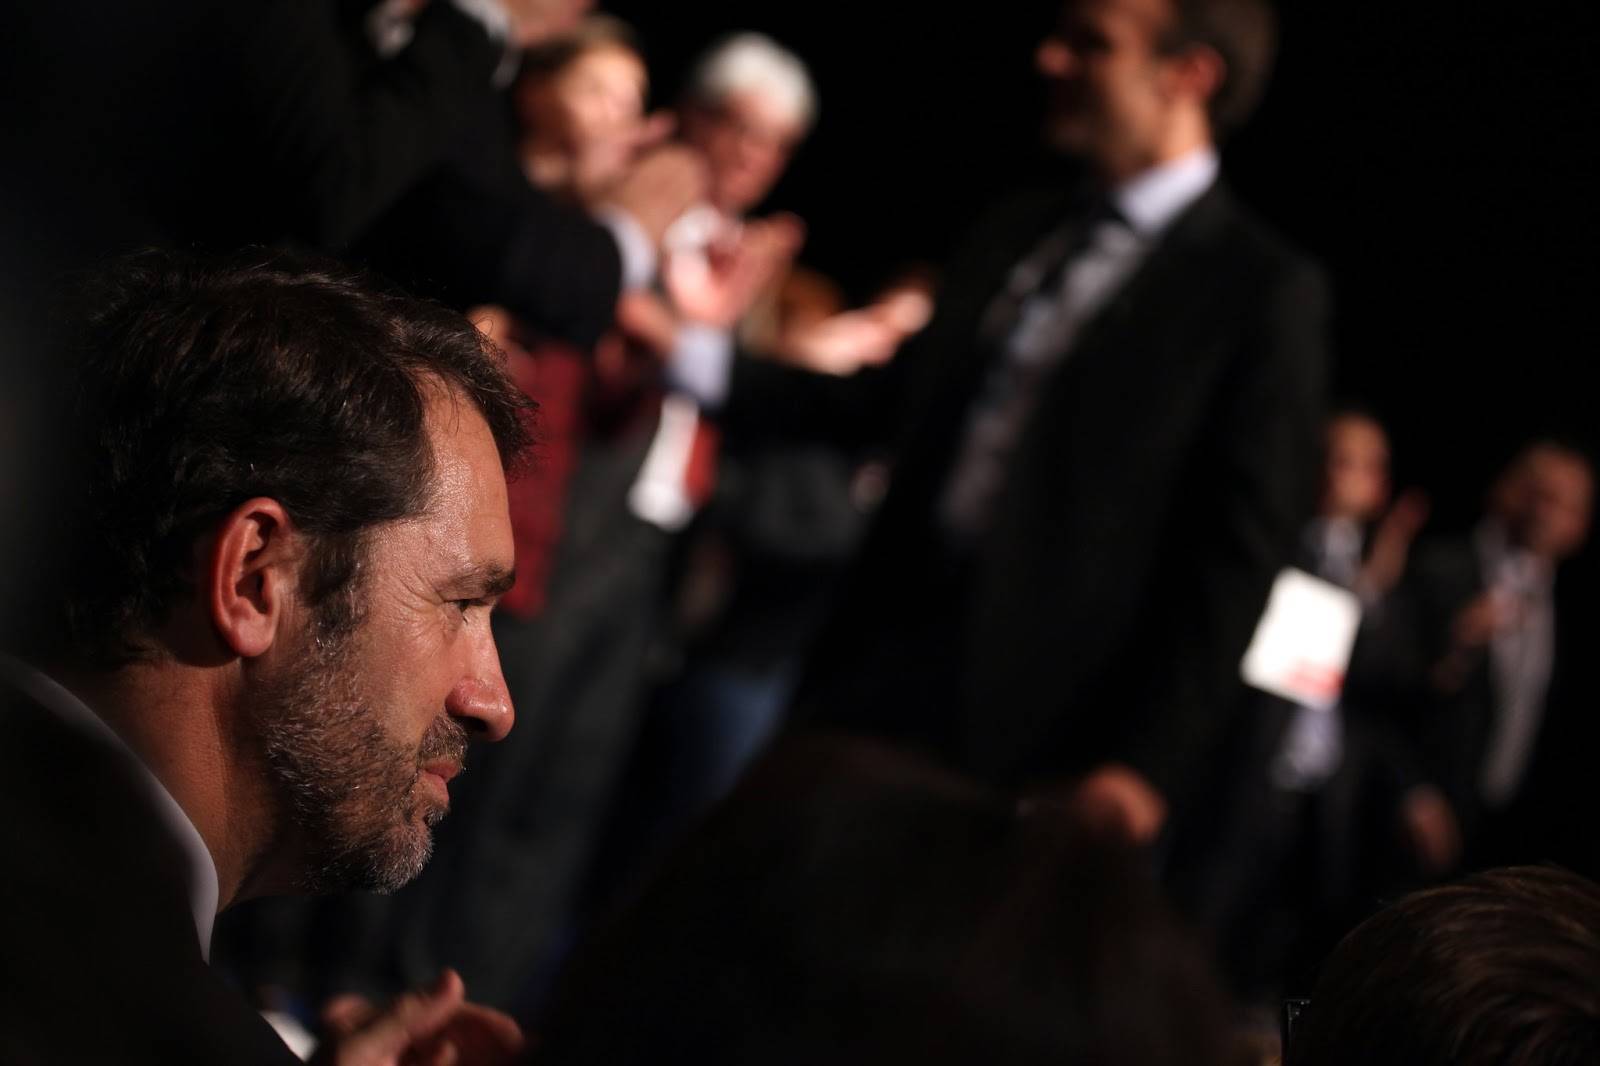 Un attentat inspiré du 11-Septembre déjoué en France, annonce Castaner